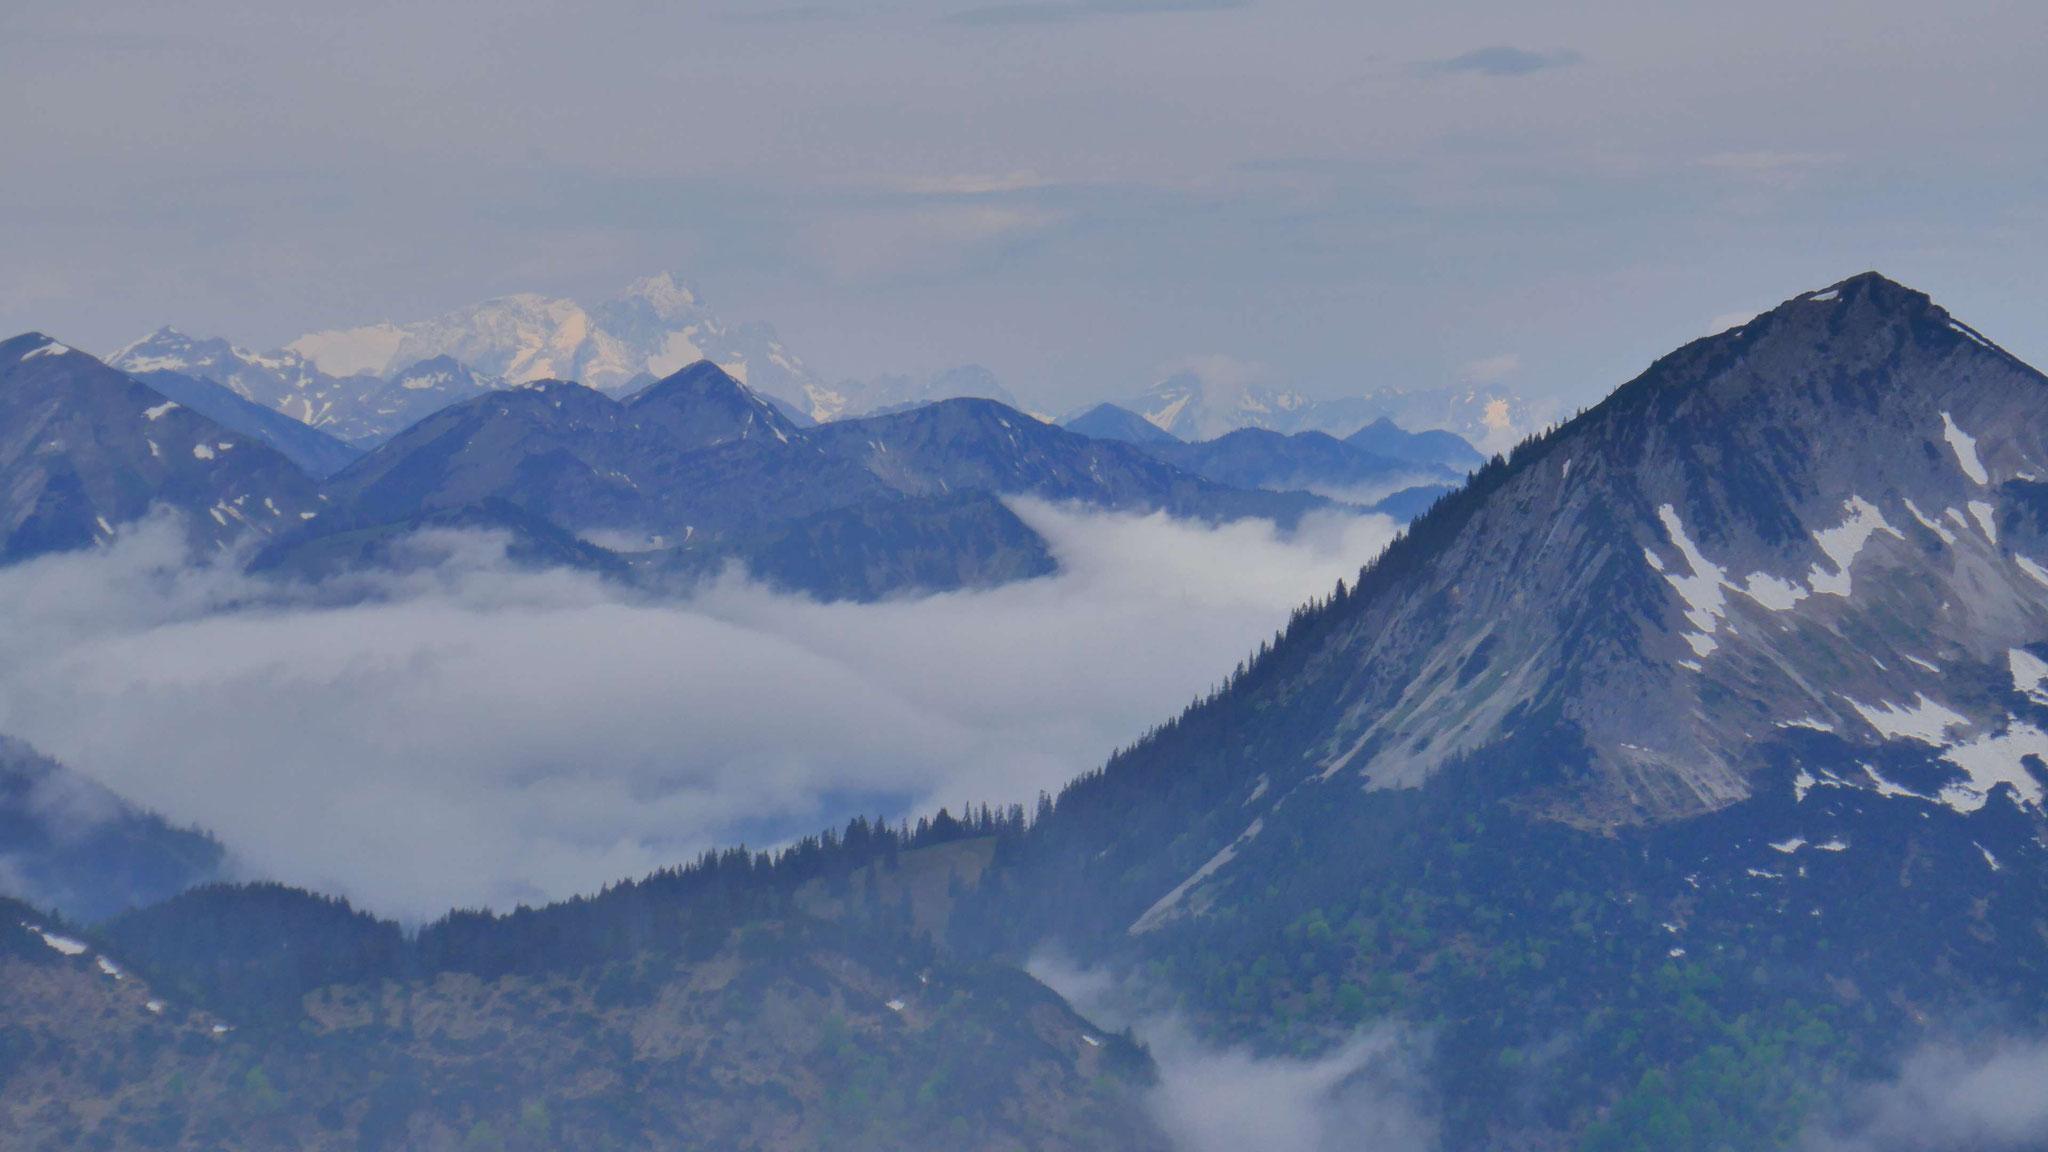 Halserspitze und am Horizont die sonnenbeschienene Zugspitze